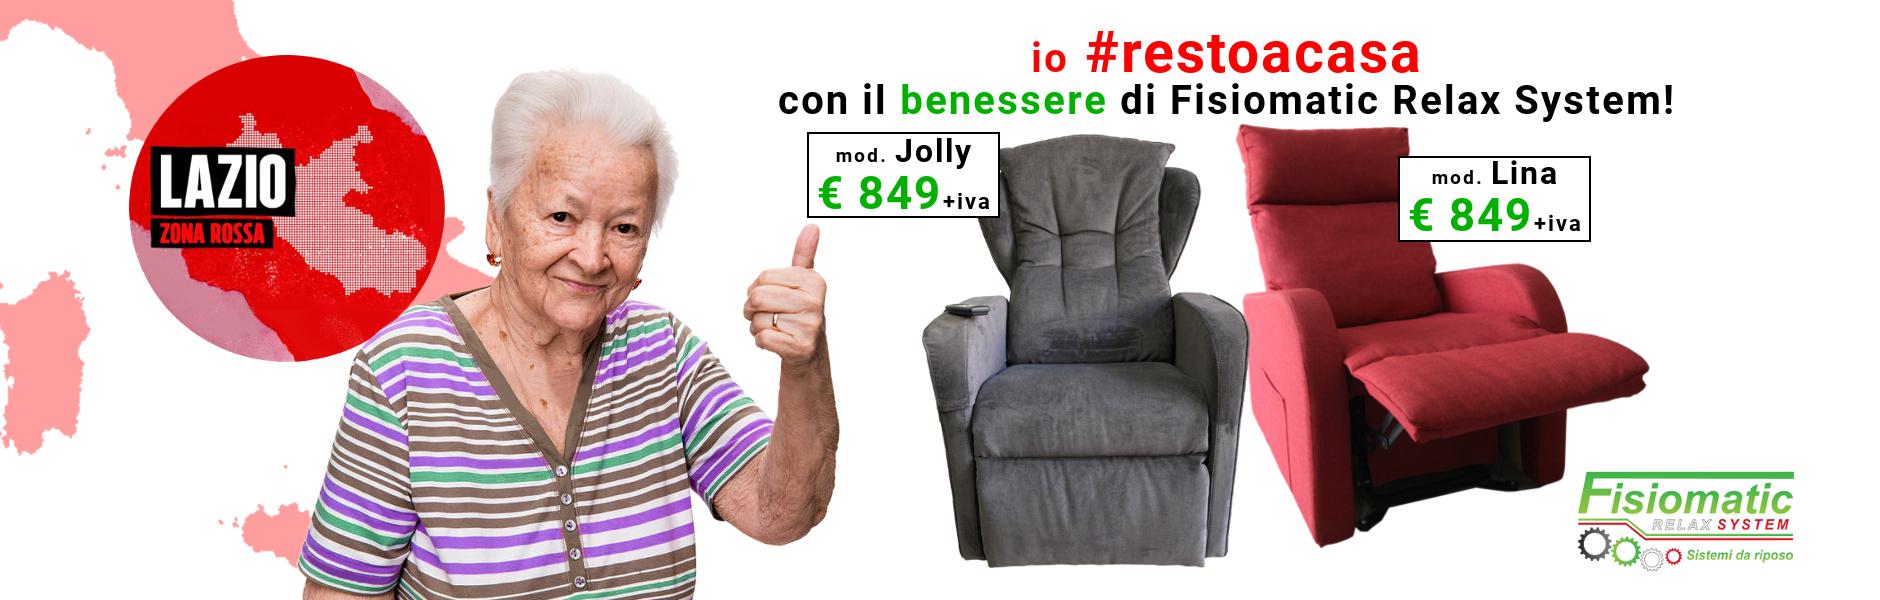 slide-io-resto-a-casa-con-il-benessere-di-Fisiomatic-Relax-System